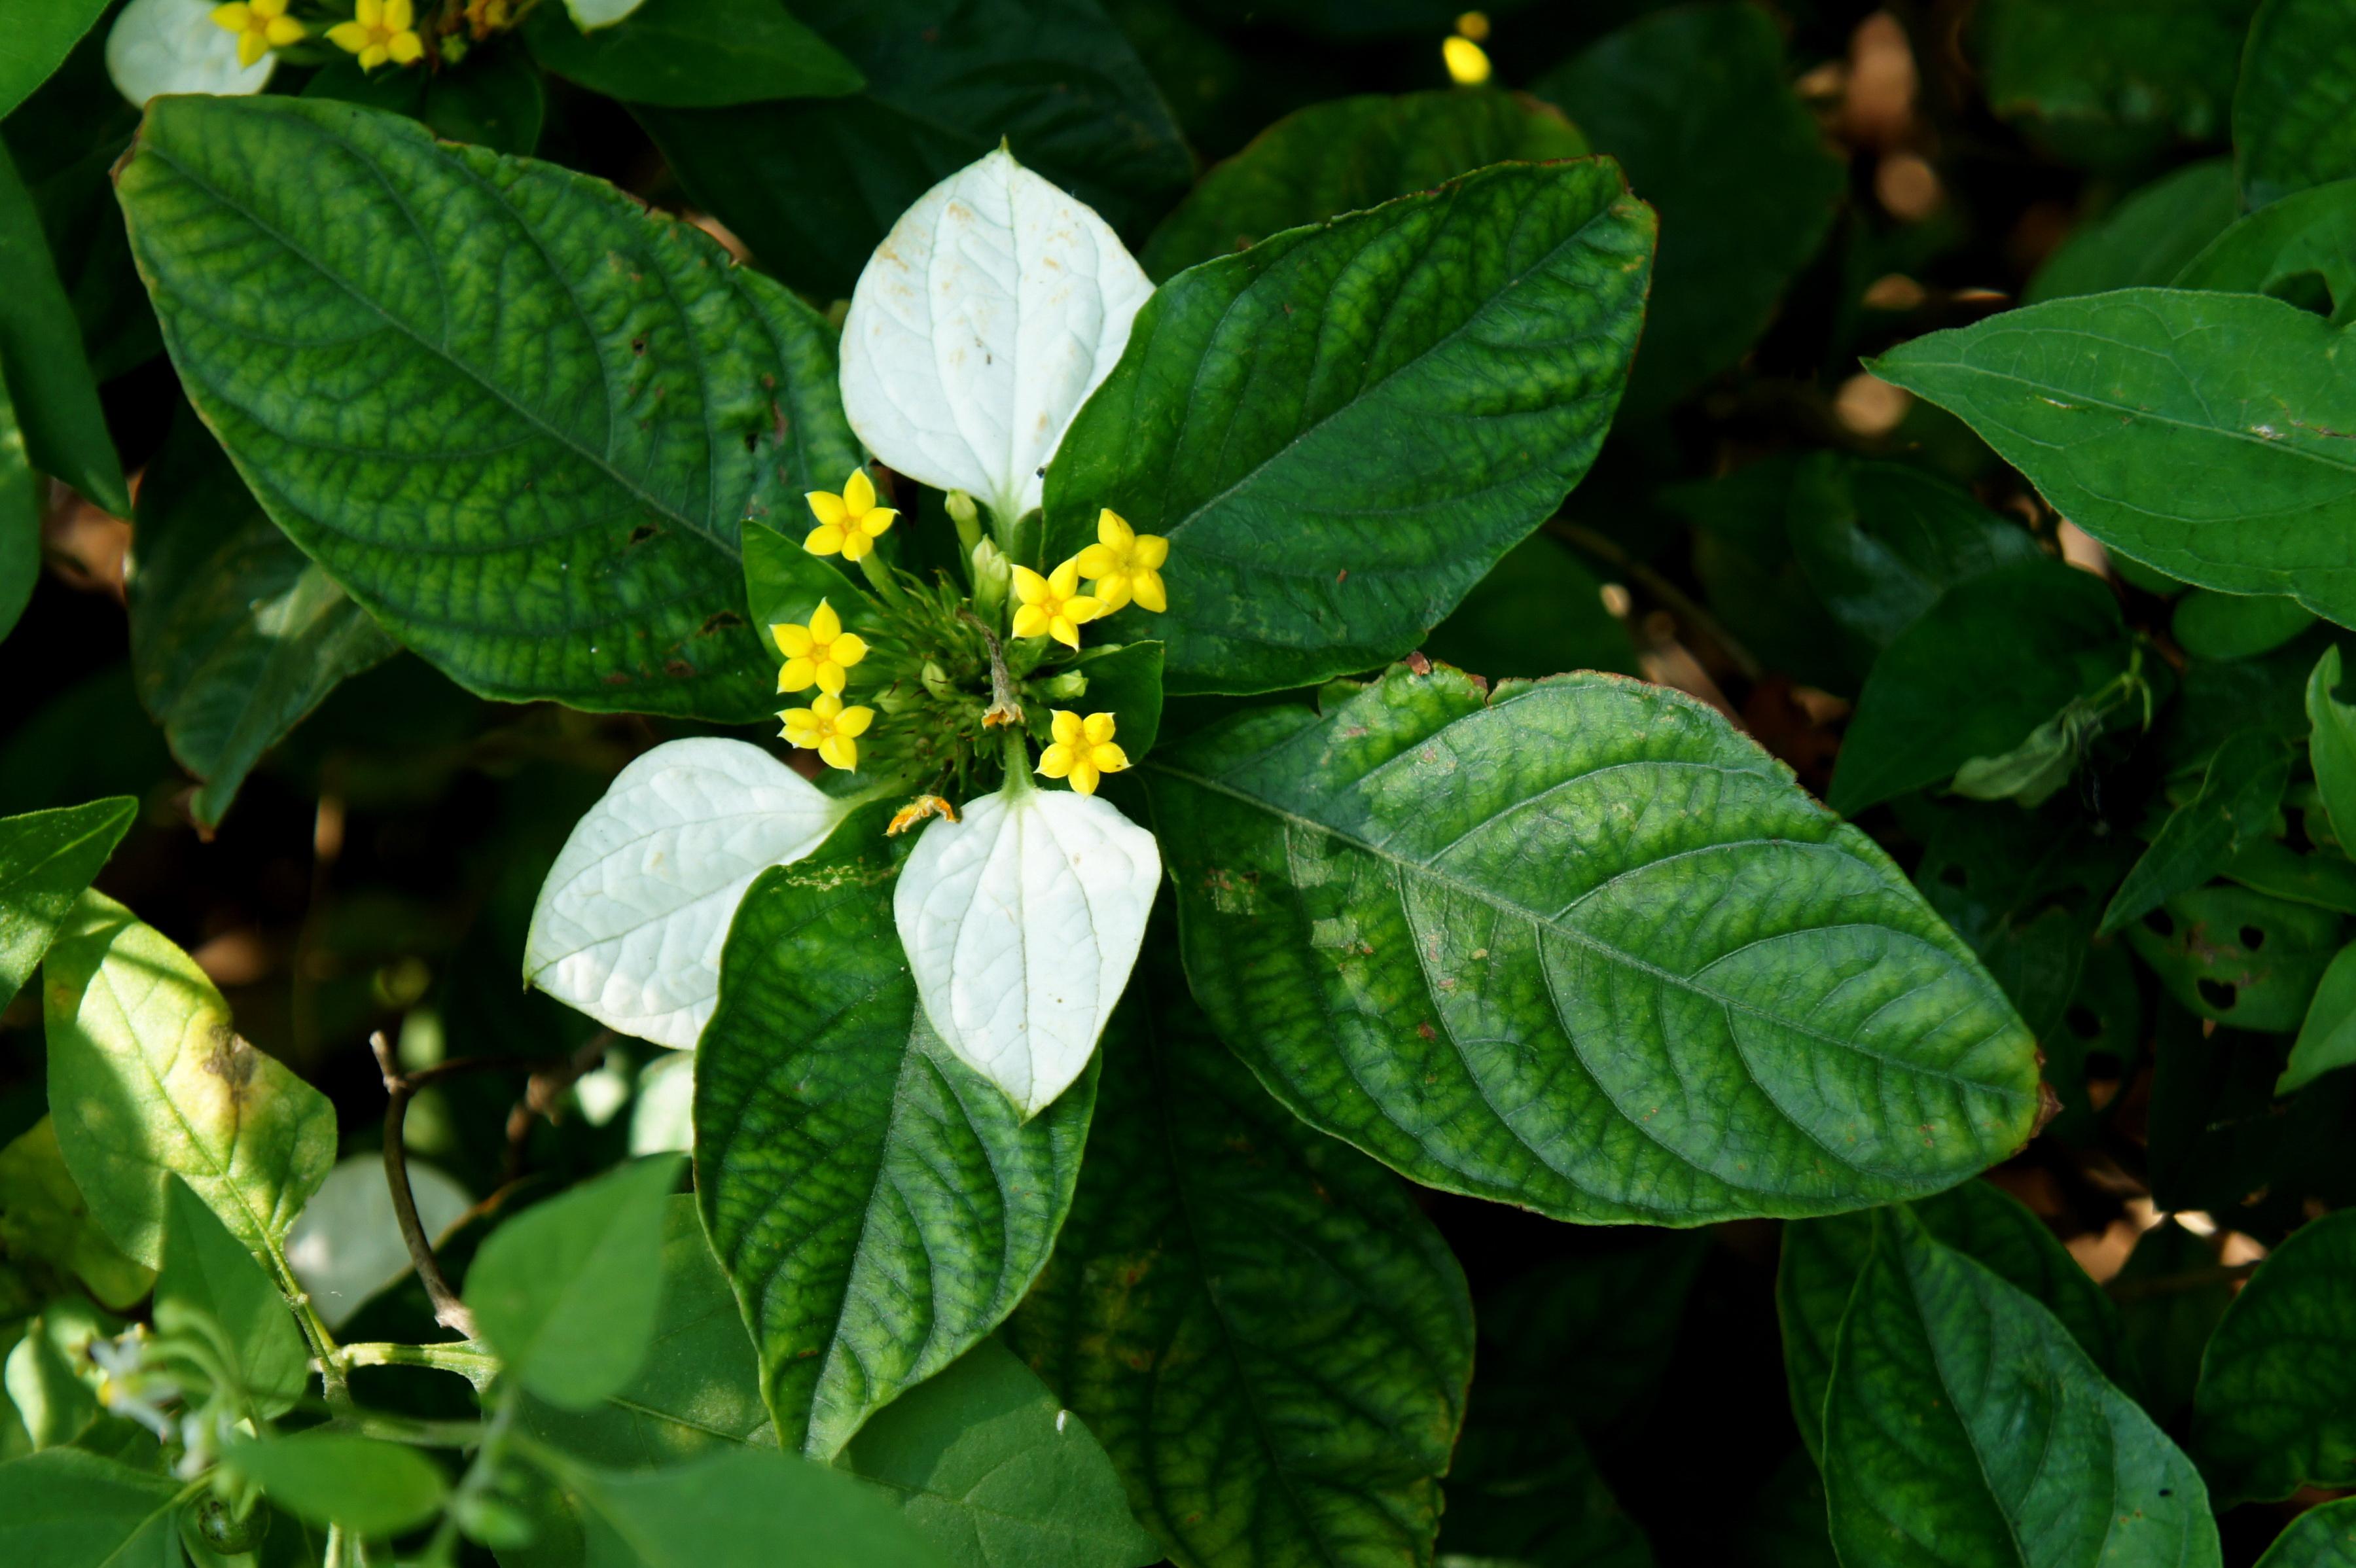 Nusa indah putih wikipedia bahasa indonesia ensiklopedia bebas bunga dan daunnya ccuart Images